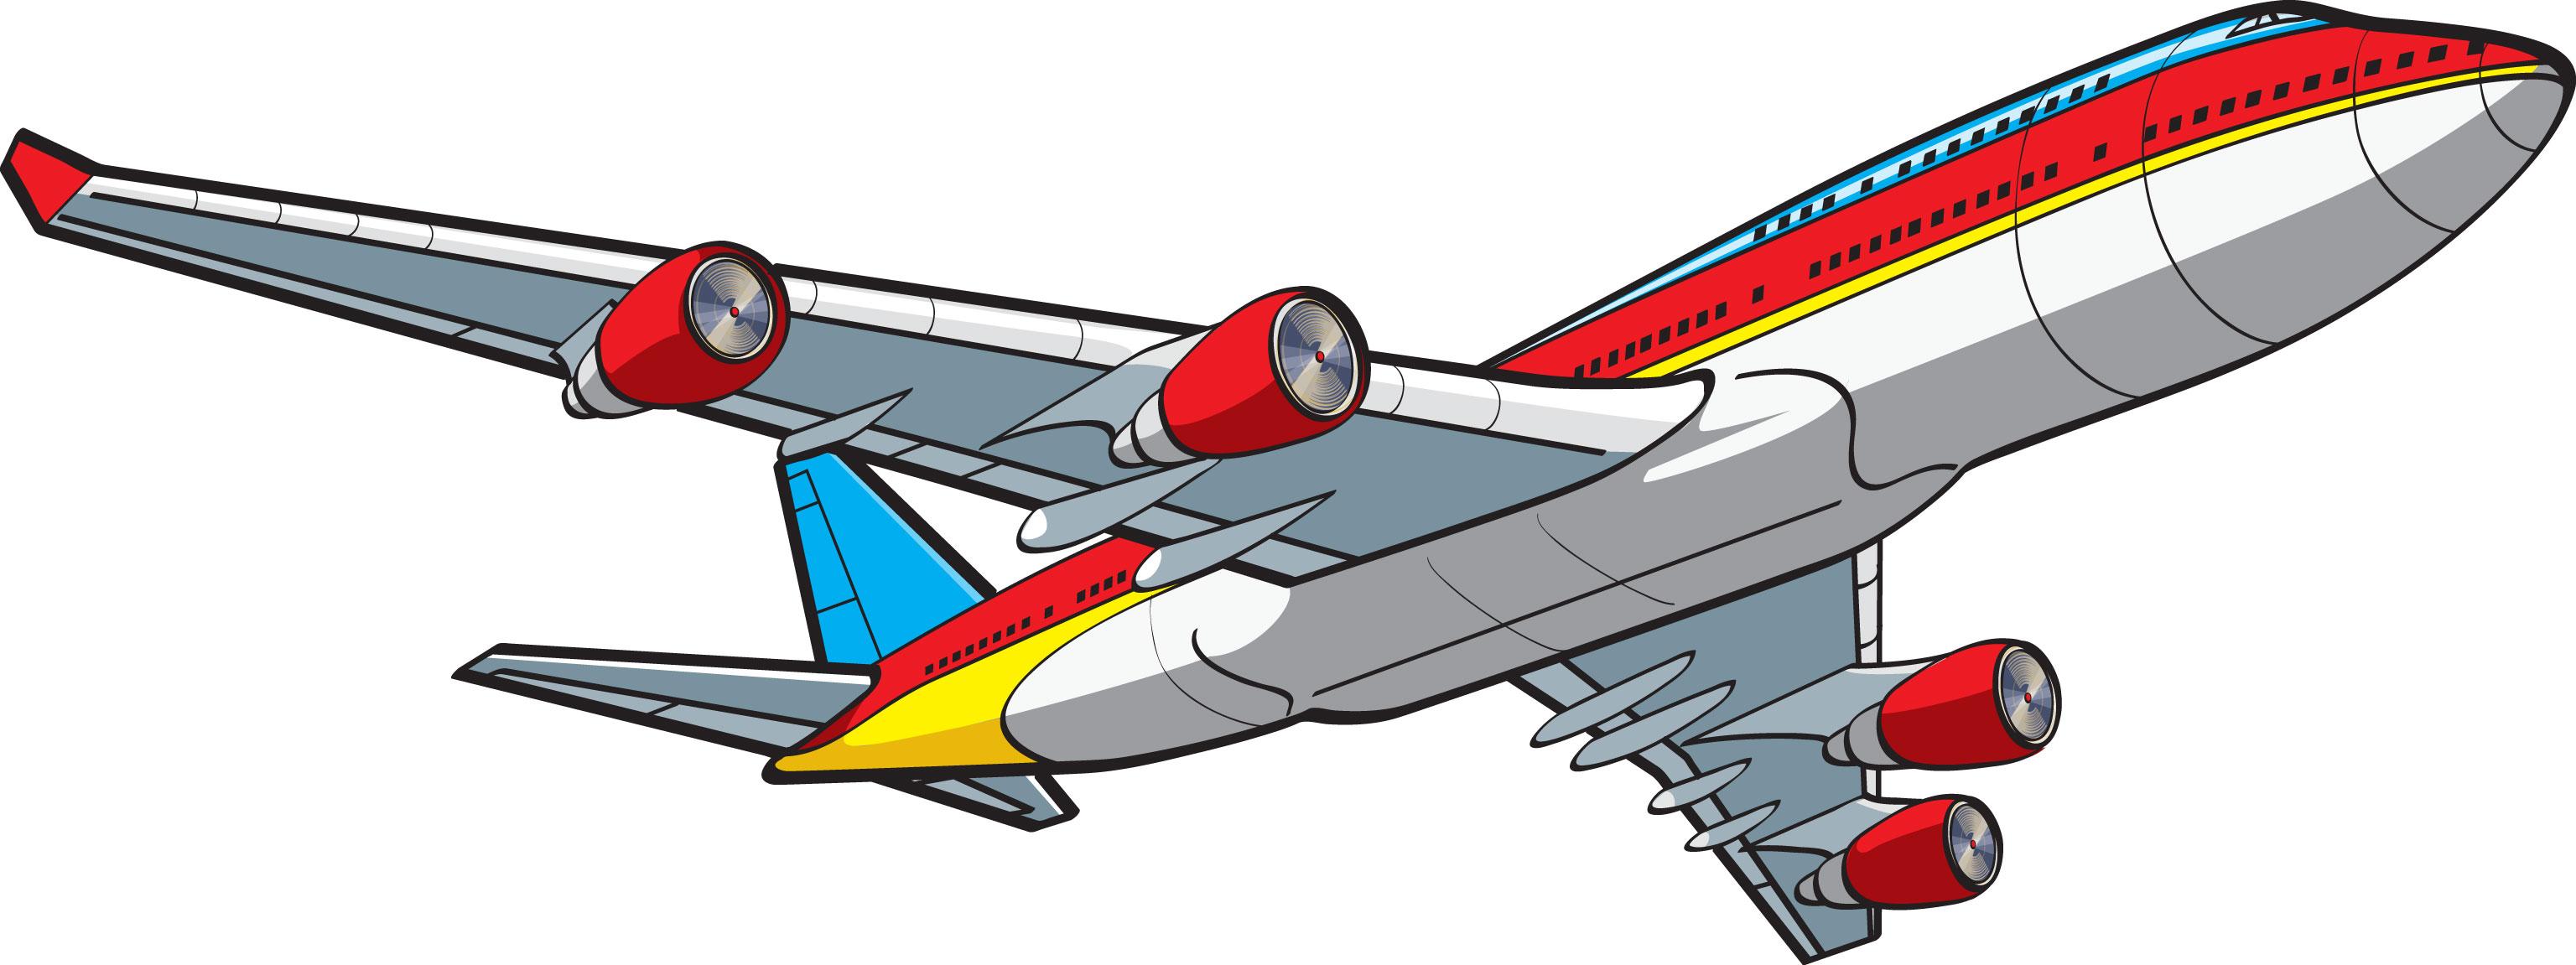 3072x1151 Jet Plane Clipart